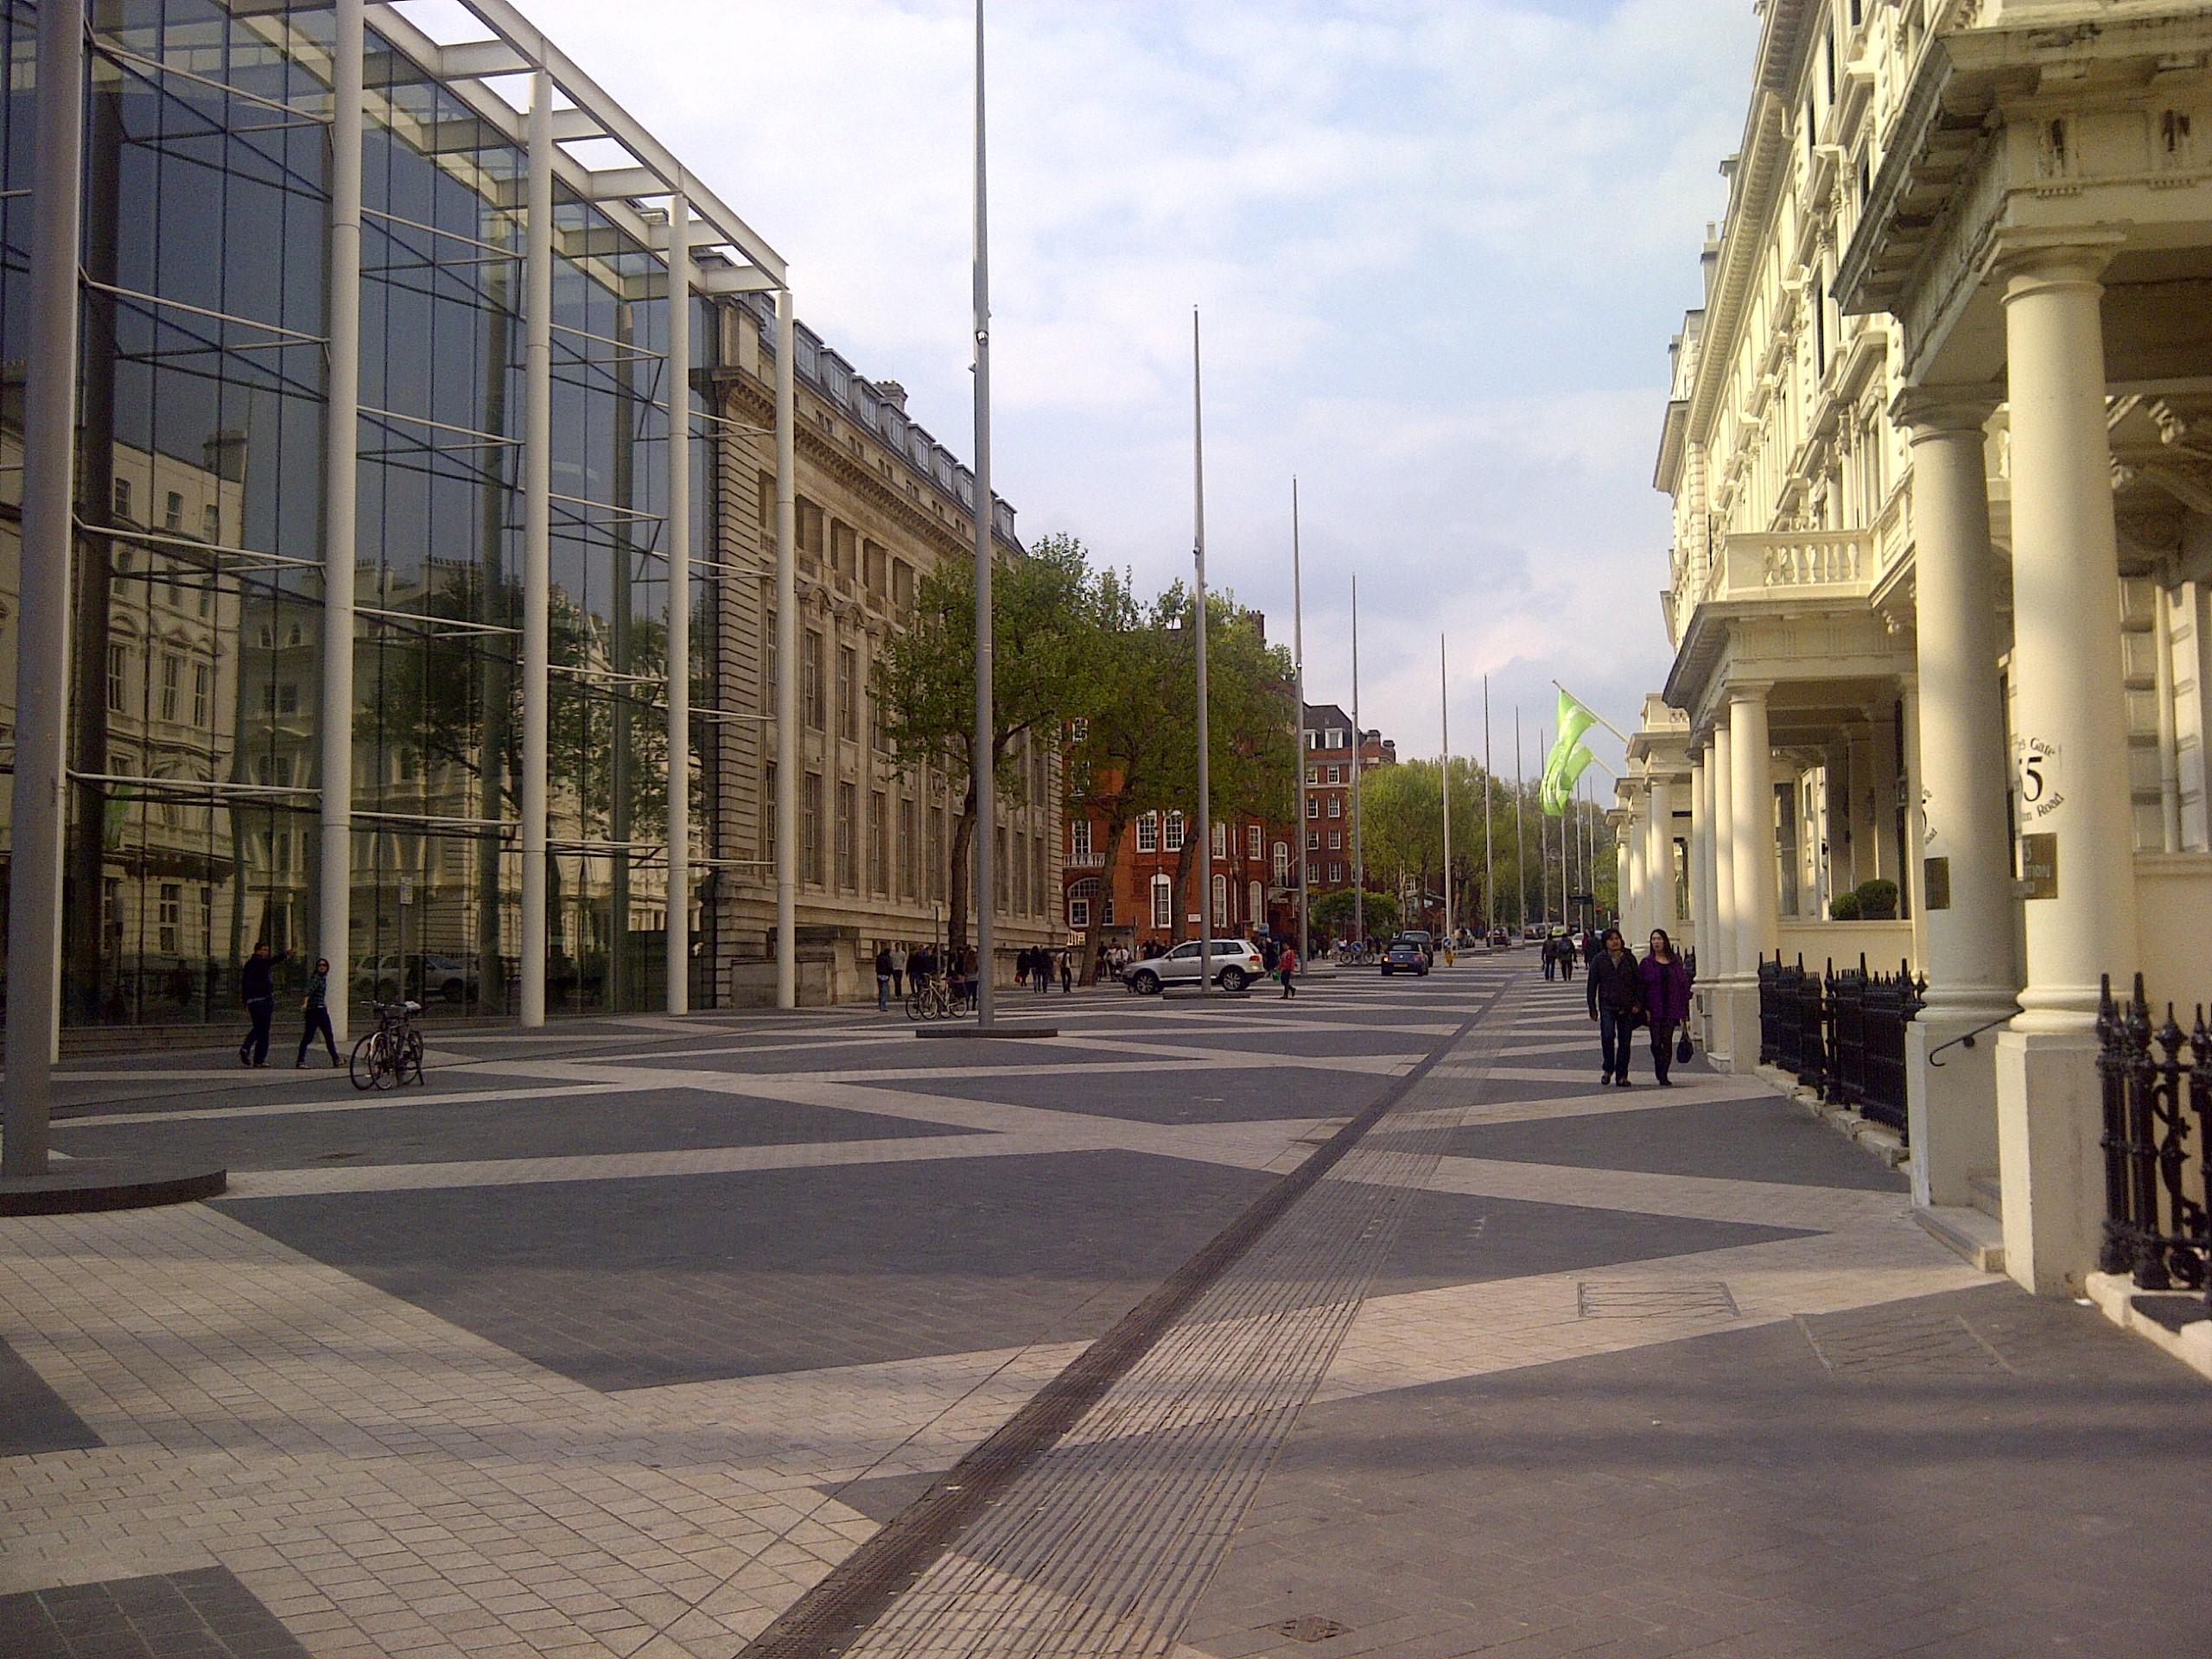 Exhibition_Road_Wikipedia